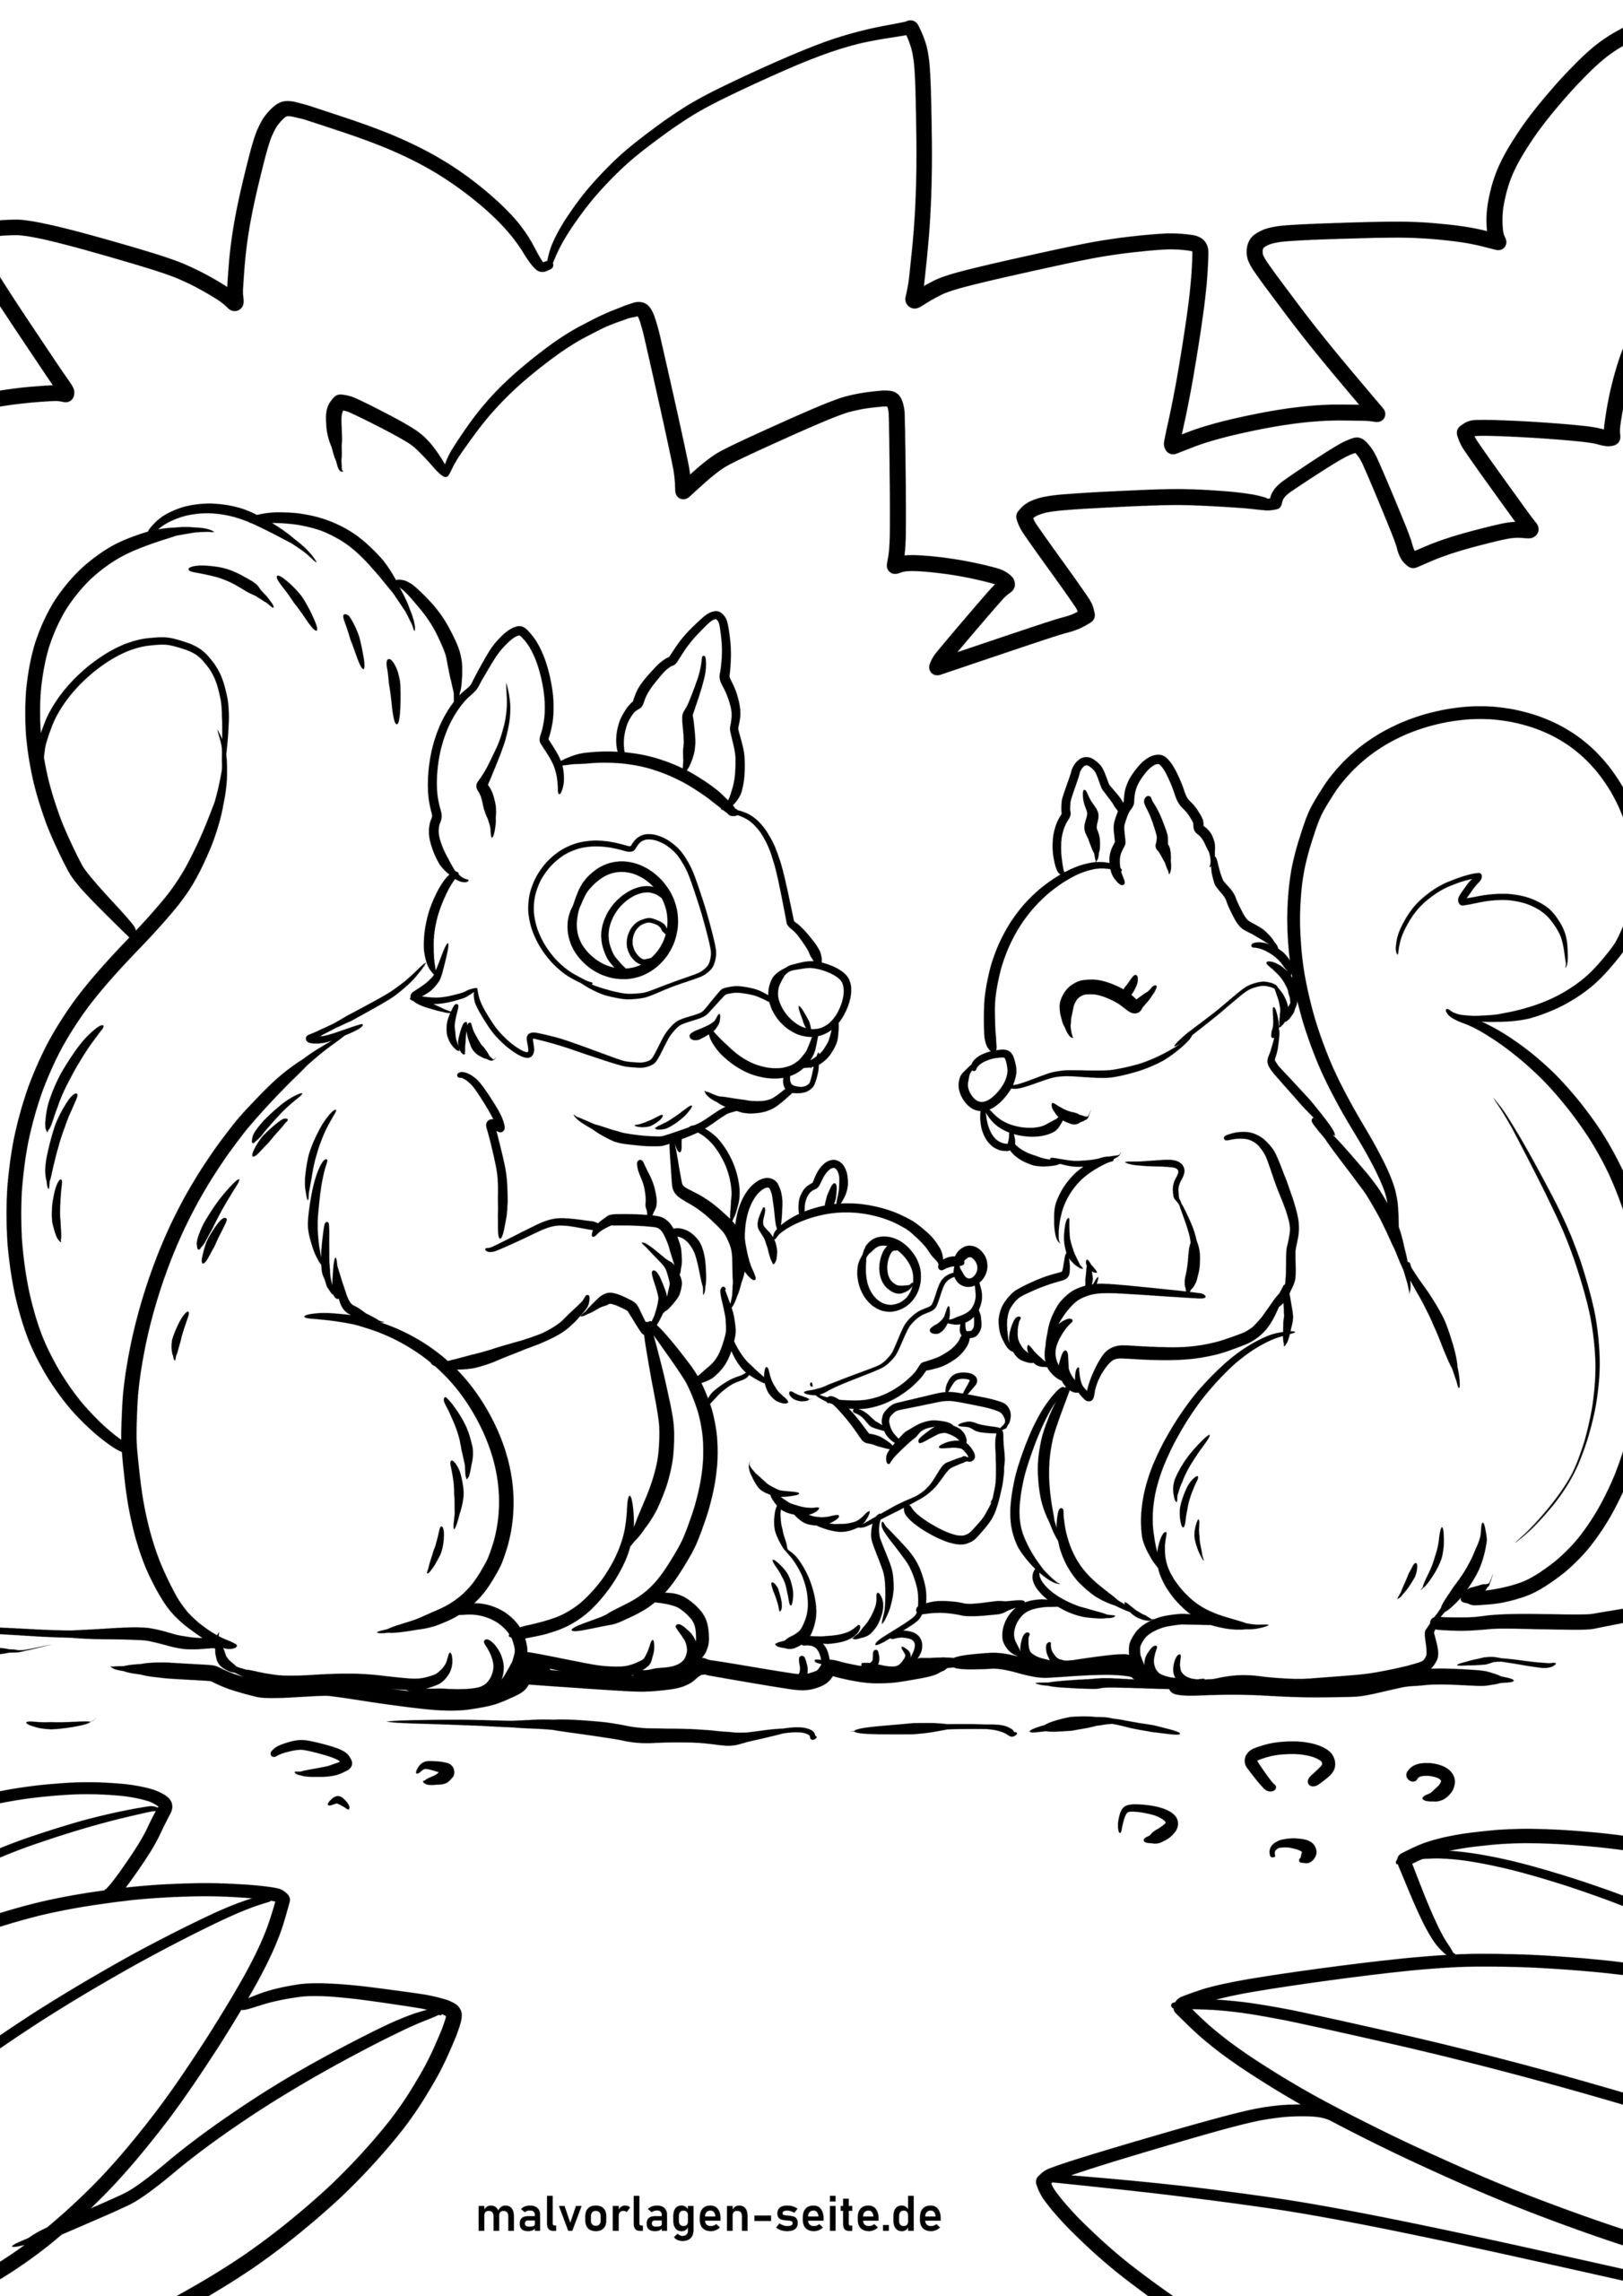 Malvorlage Eichhörnchen   Kostenlose Ausmalbilder